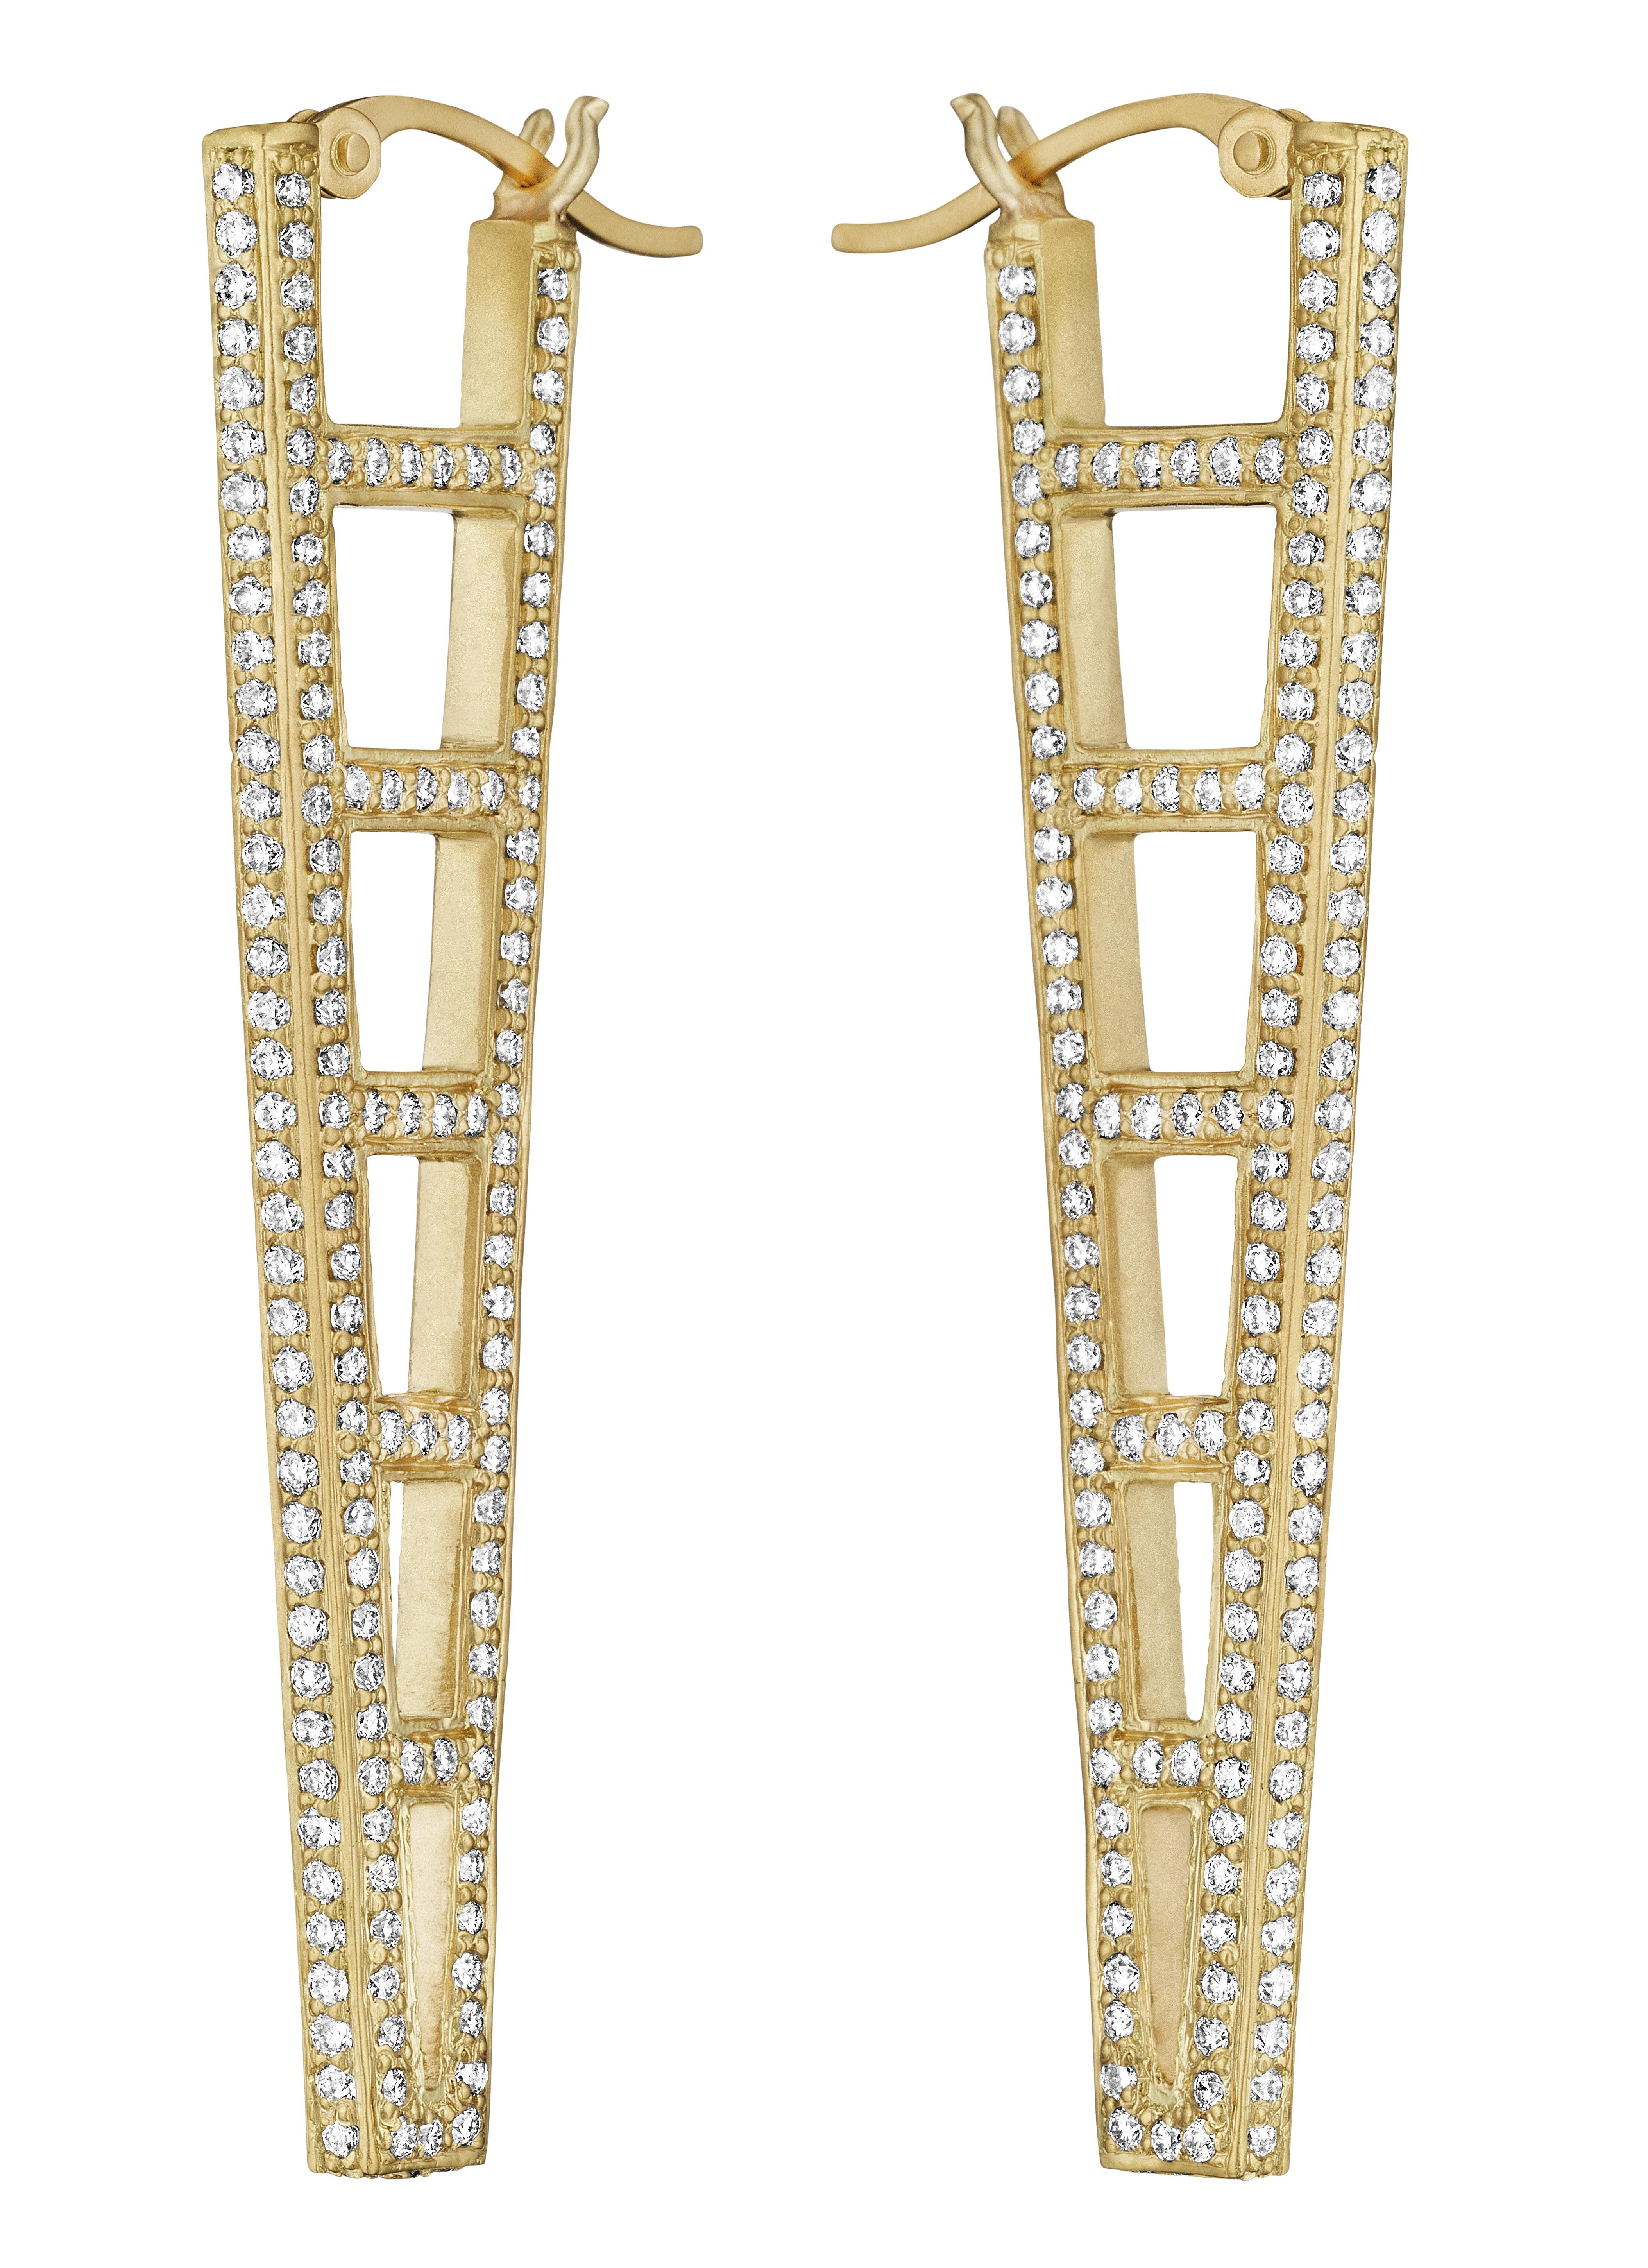 Doryn Wallach diamond ladder earrings | JCK On Your Market